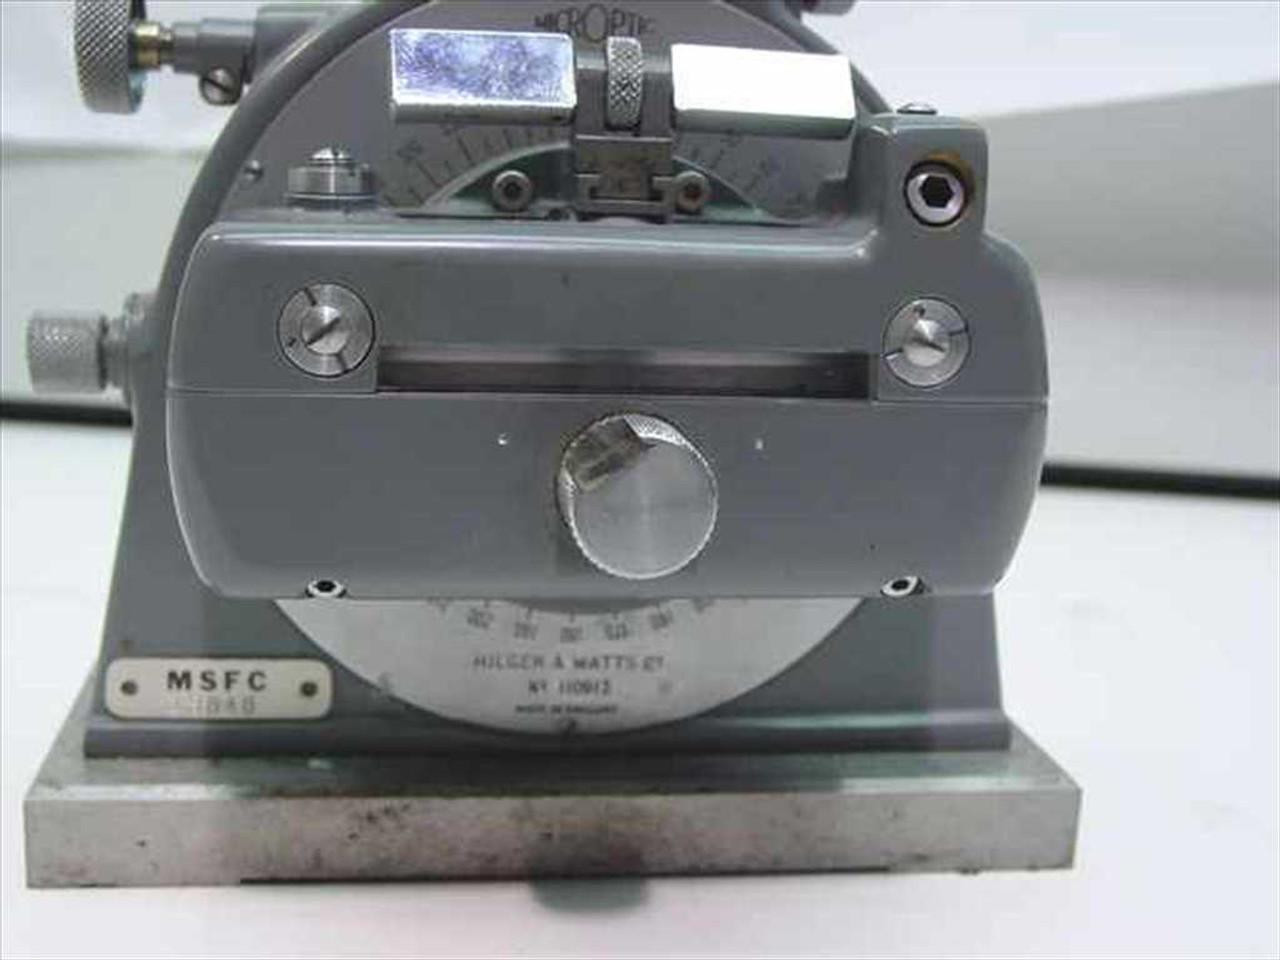 Hilger & Watts TB 95 Microptic Clinometer